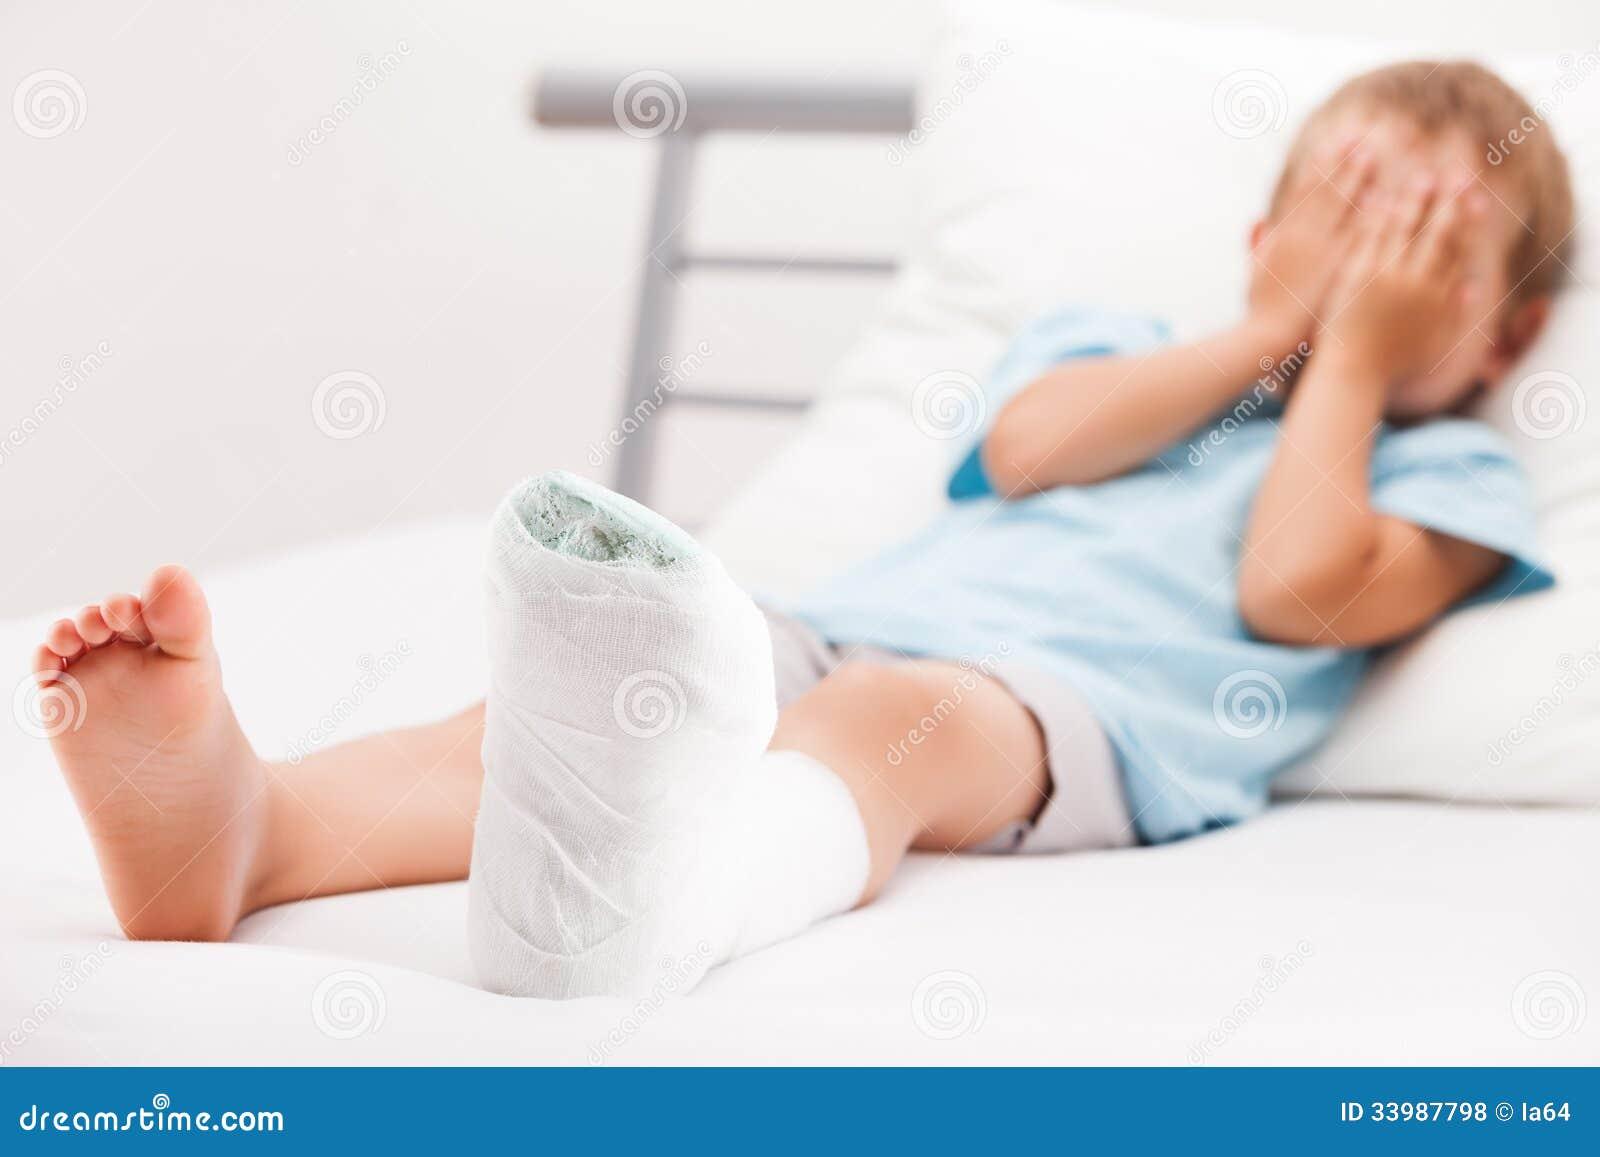 Фото детей с гипсом на ноге